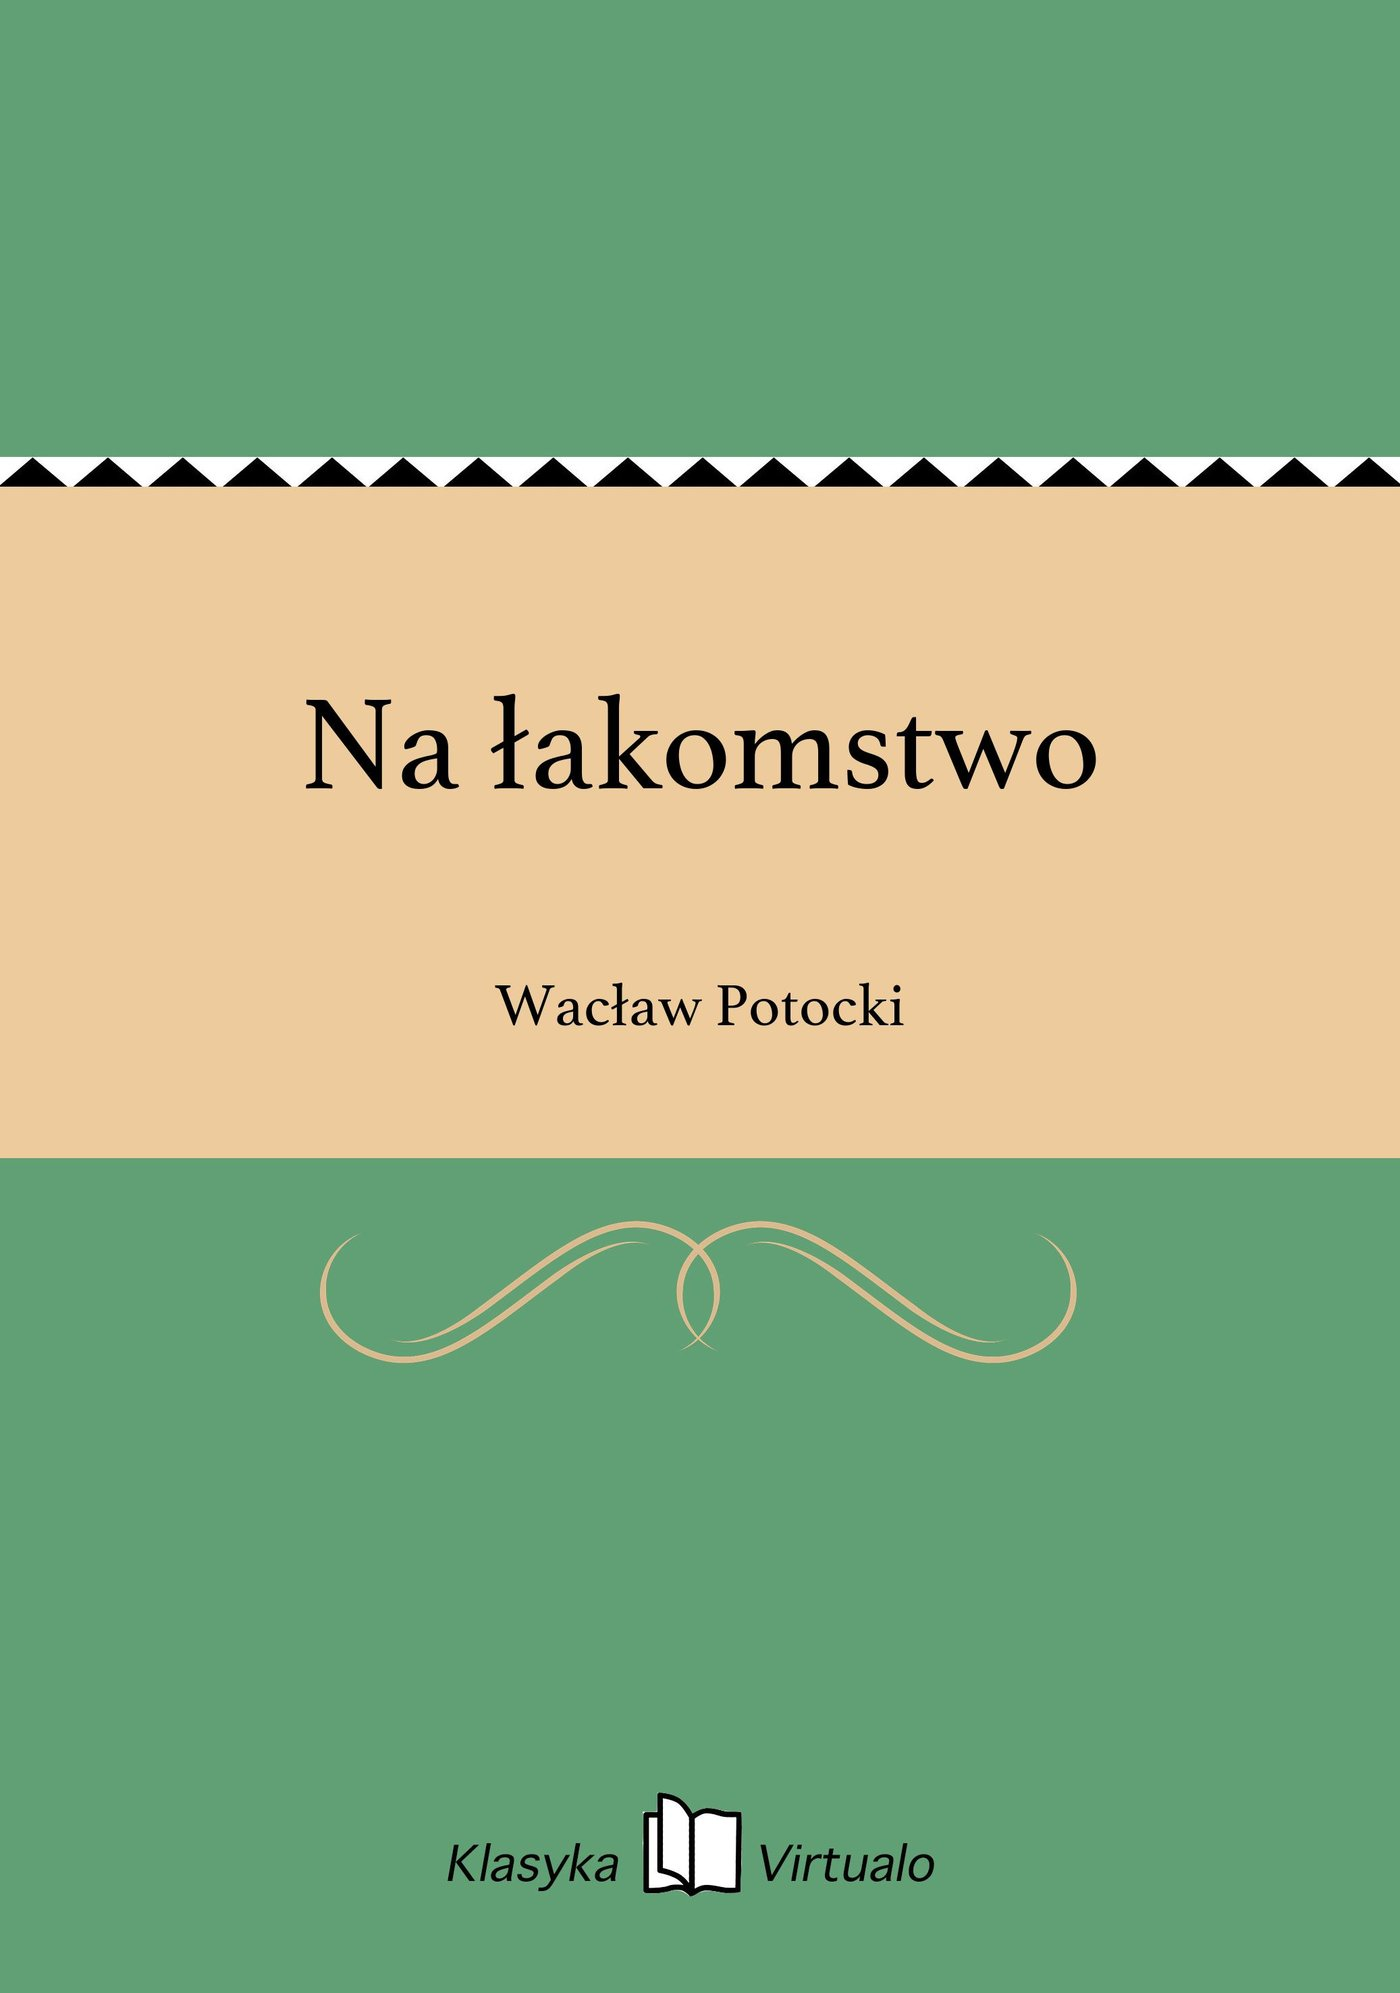 Na łakomstwo - Ebook (Książka EPUB) do pobrania w formacie EPUB